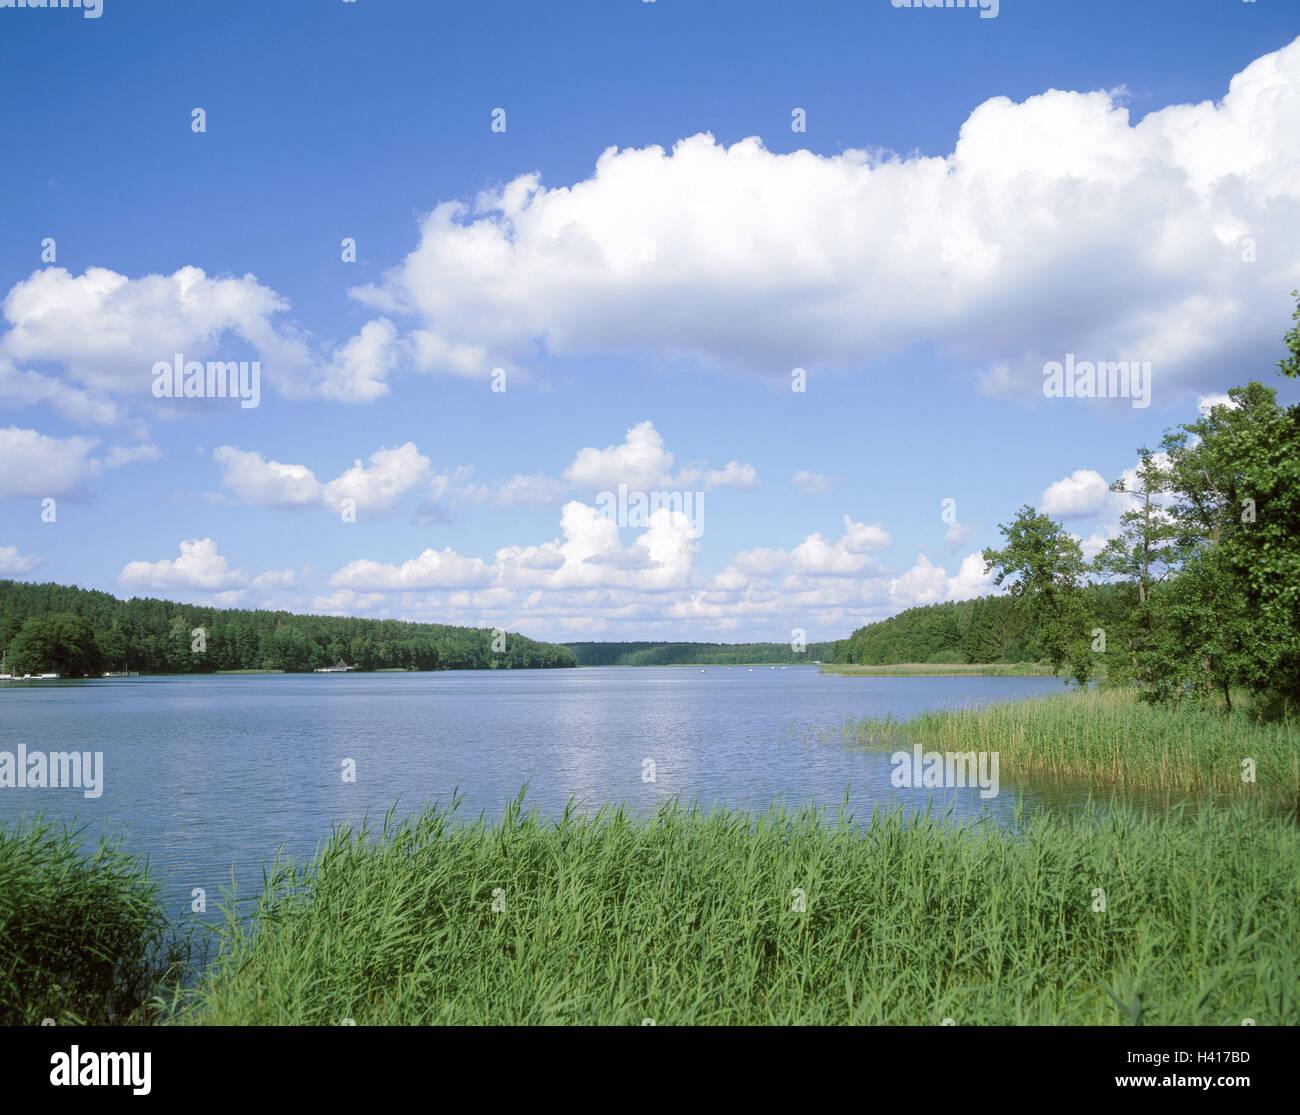 Poland, Olsztyn, scenery, lake, Europe, East, Europe, Poland, Ermland Masuria, Masuria, Allenstein, sea scenery, - Stock Image